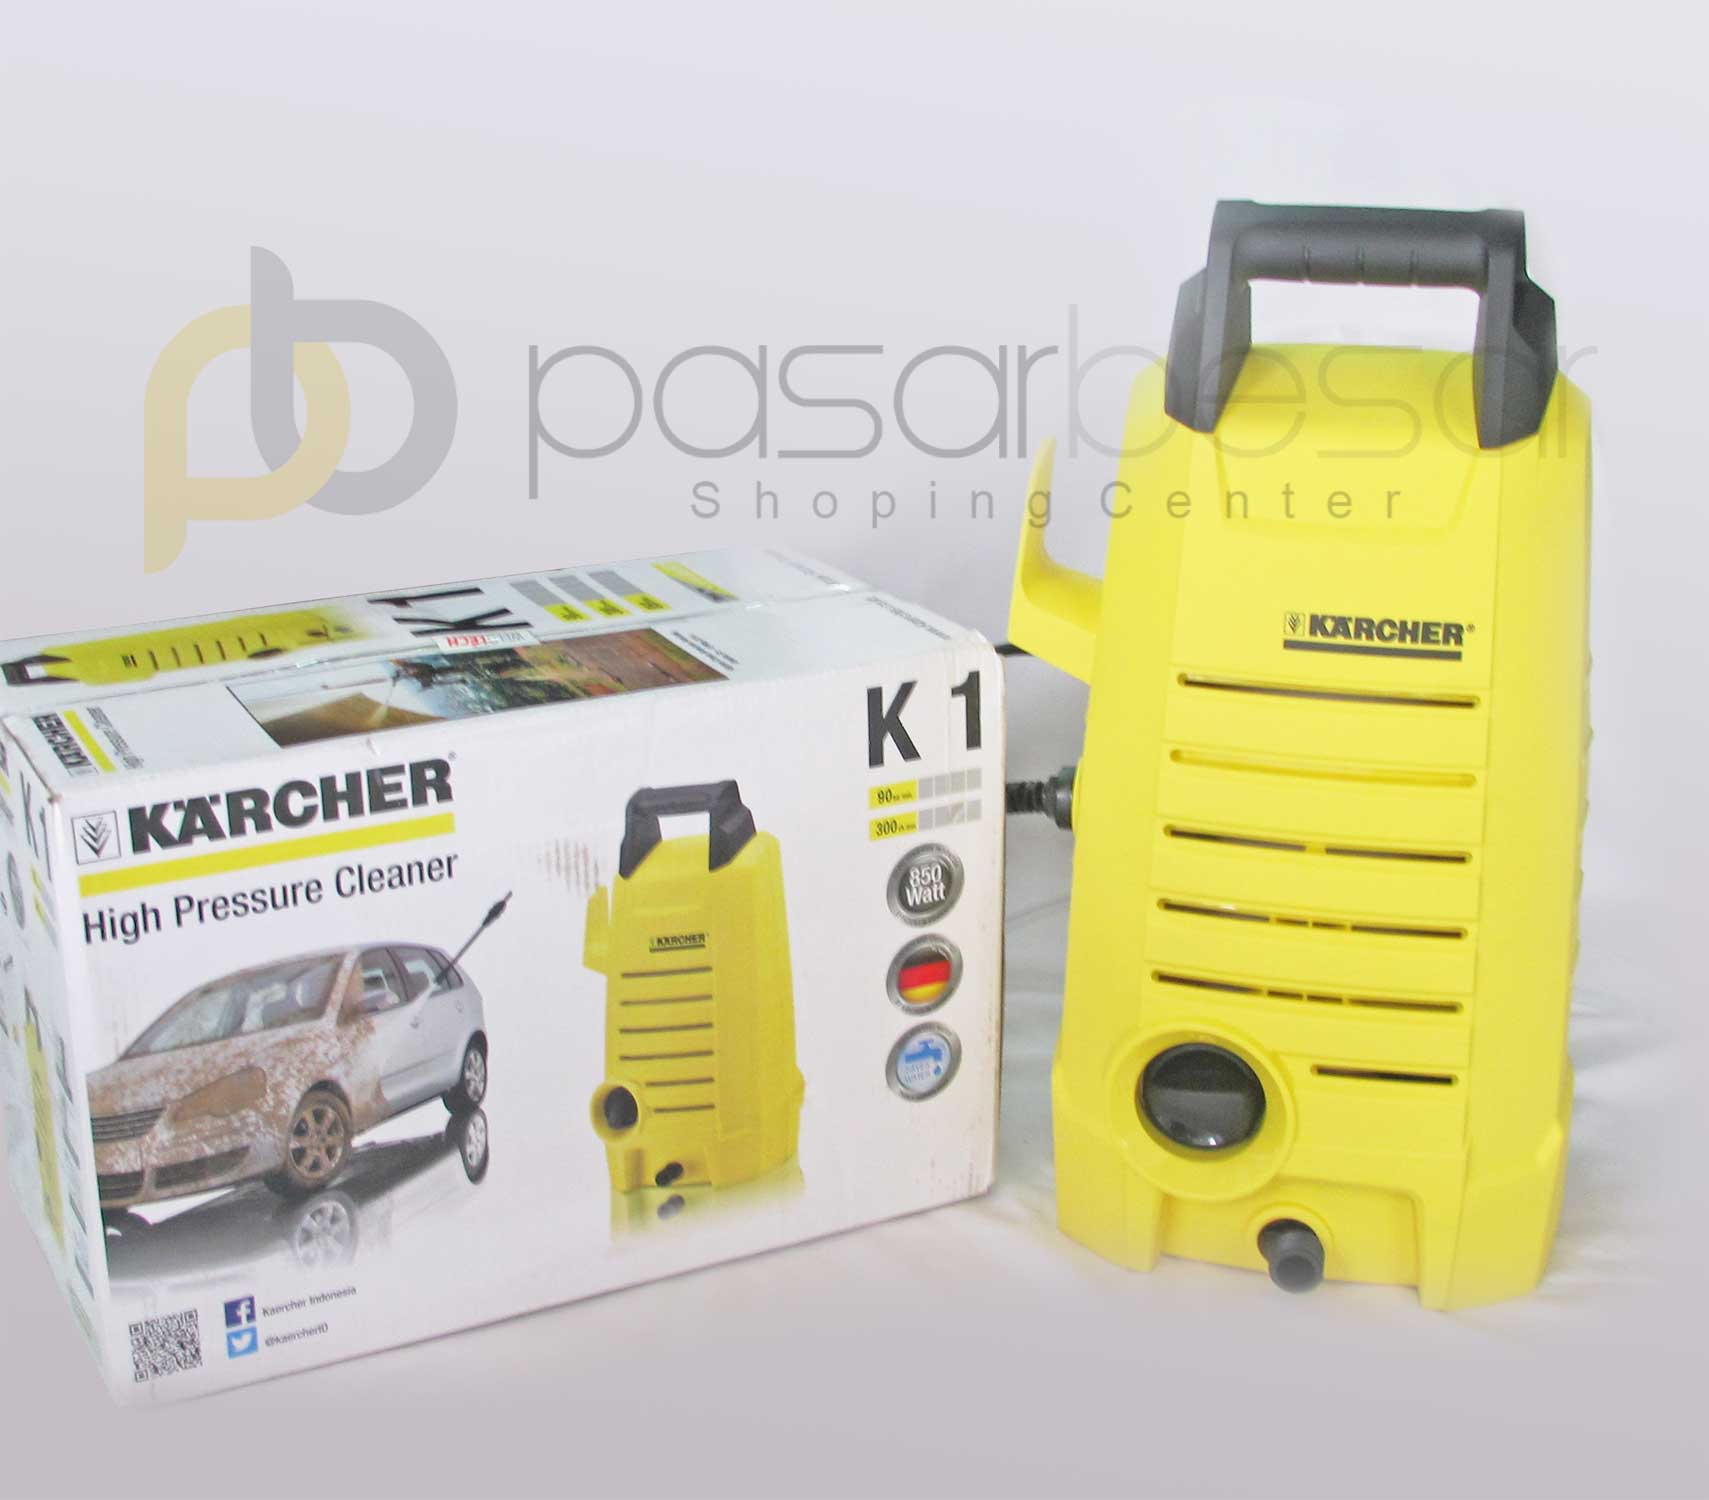 Mesin Cuci Mobil Motor Karcher K1 Jet Cleaner High Pressure Washer  Tertinggi 160psi Tekanan Yg Tidak Buat Cat Rusak Alat Ac Steam Tinggi Water Jual Pasarbesar Tokopedia